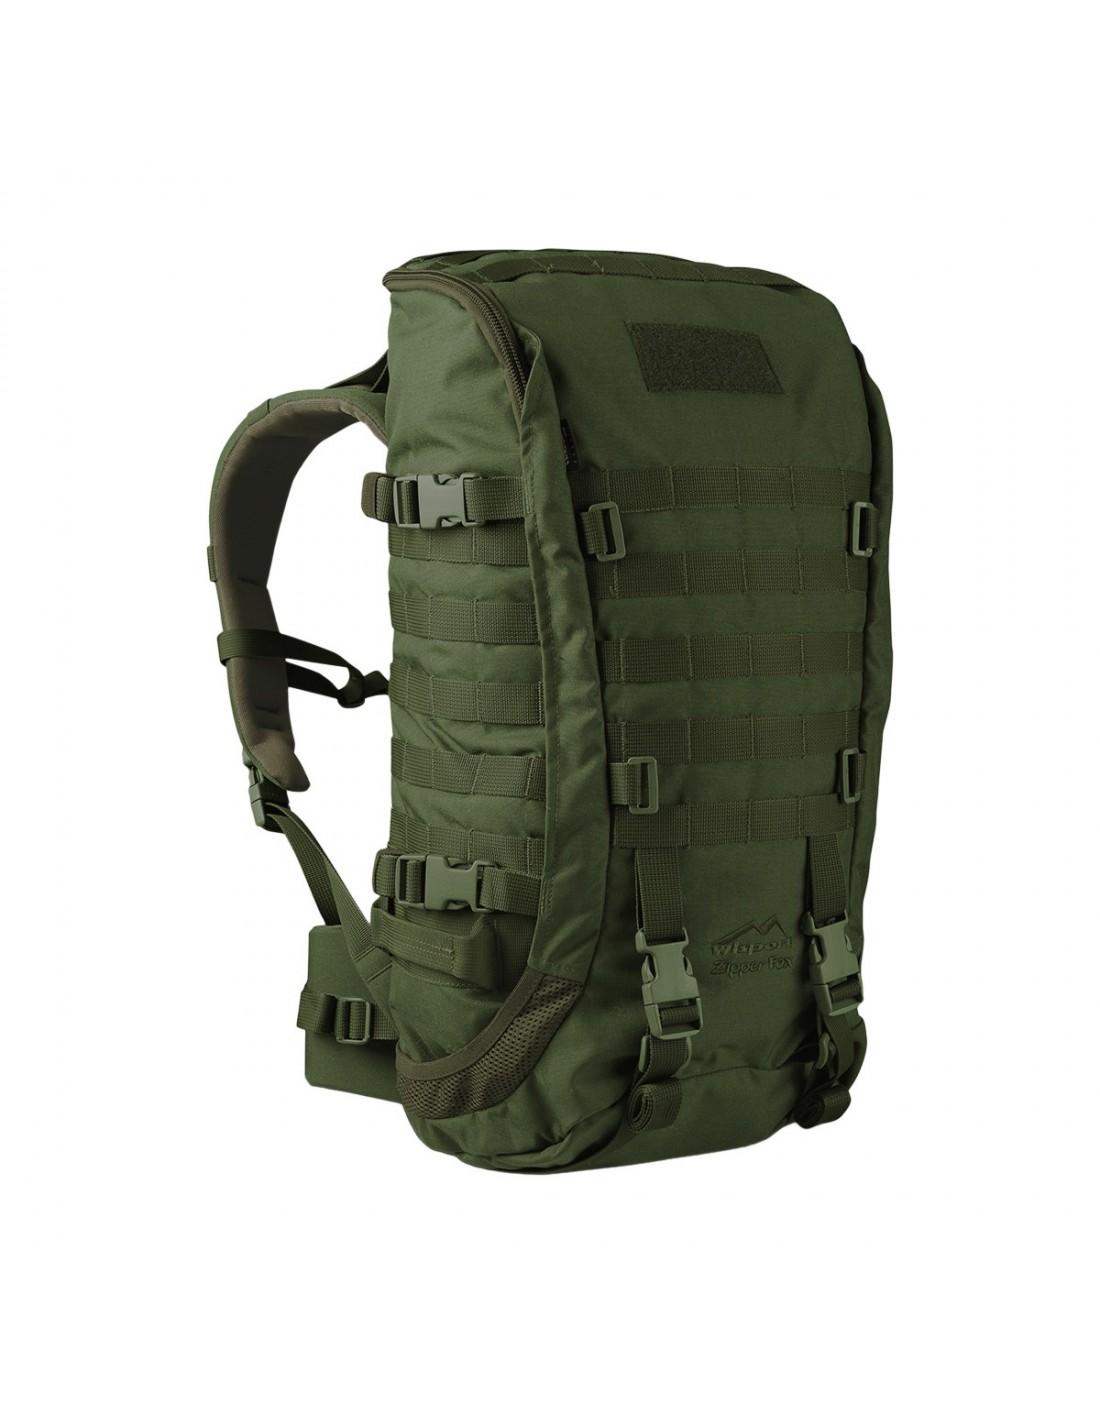 Wisport Zipper Fox 25 Backpack